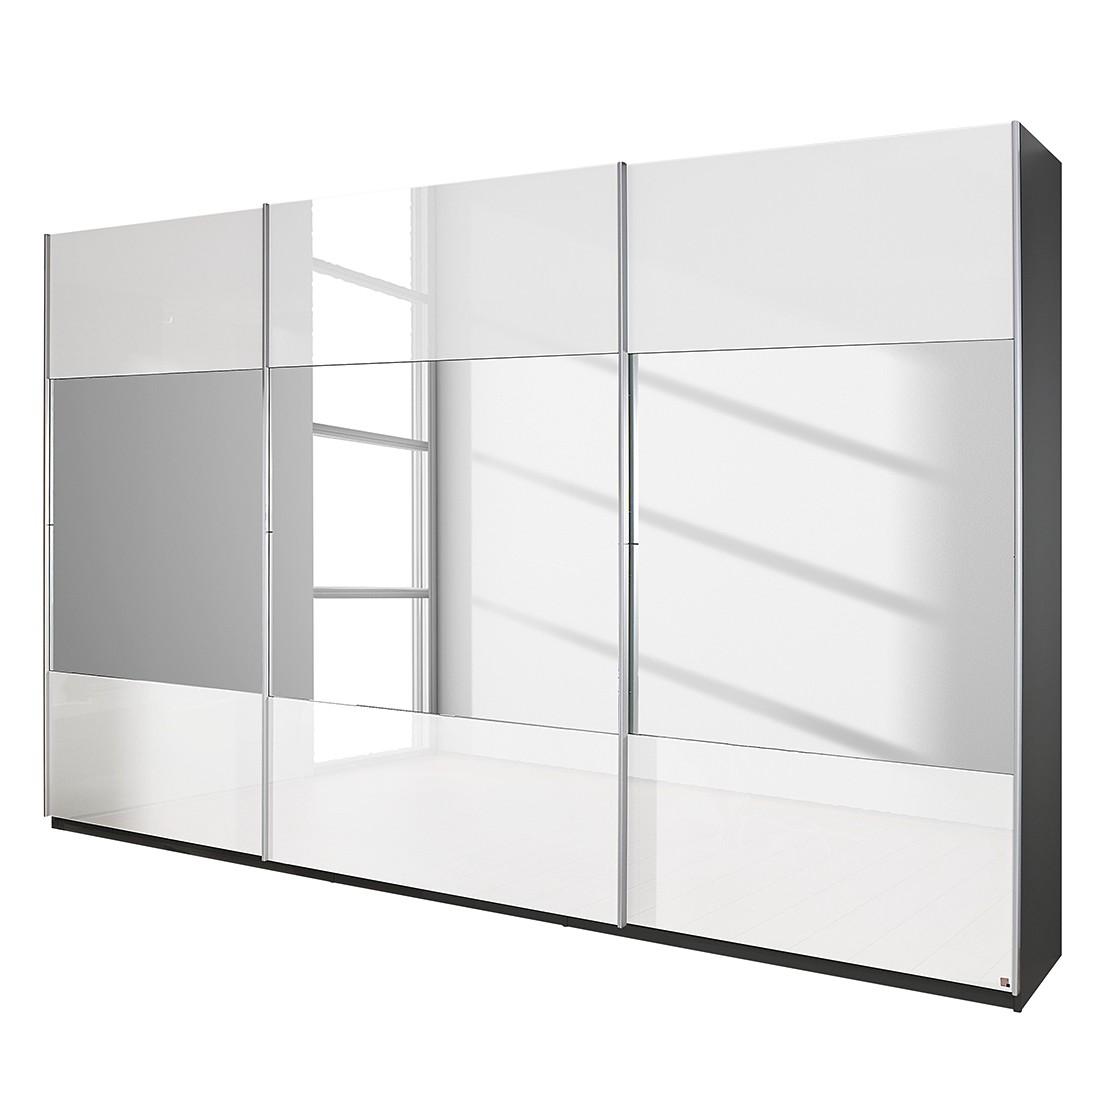 goedkoop Schuifdeurkast Beluga hoogglans wit verspiegeld grafietkleurig 315cm 3 deurs 236cm Rauch Select